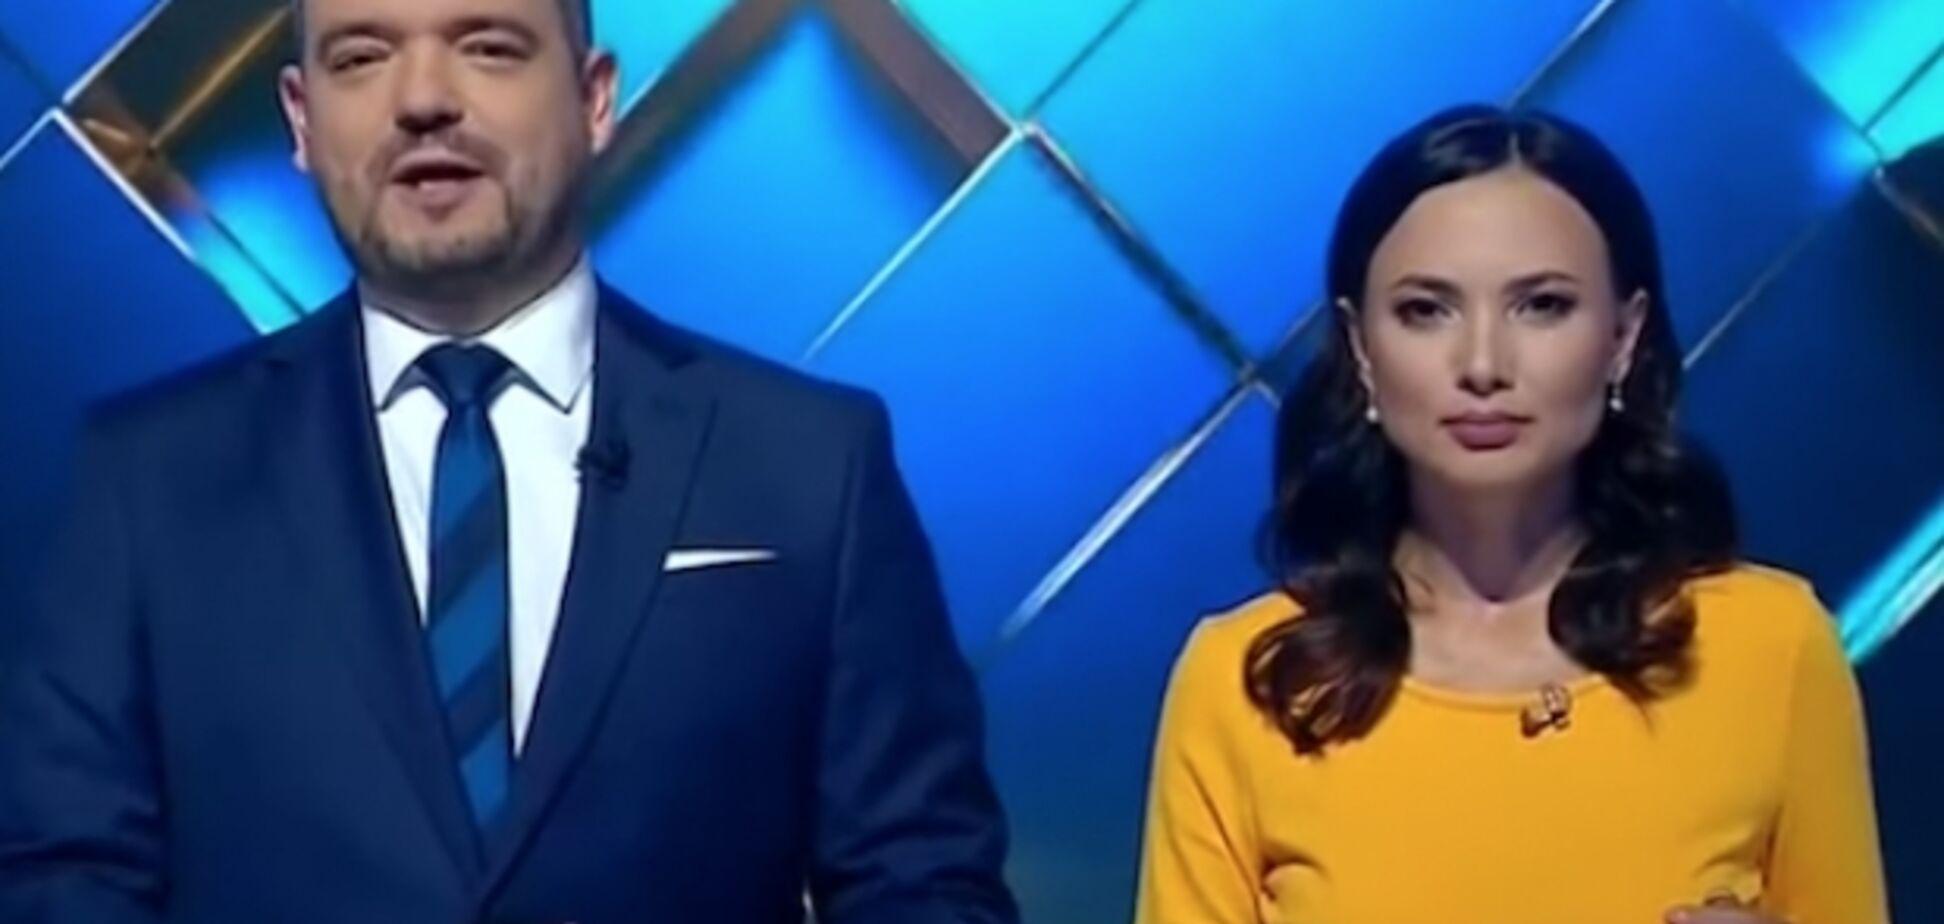 Ведущие NewsOne угодили в 'Миротворец' после скандального телемоста